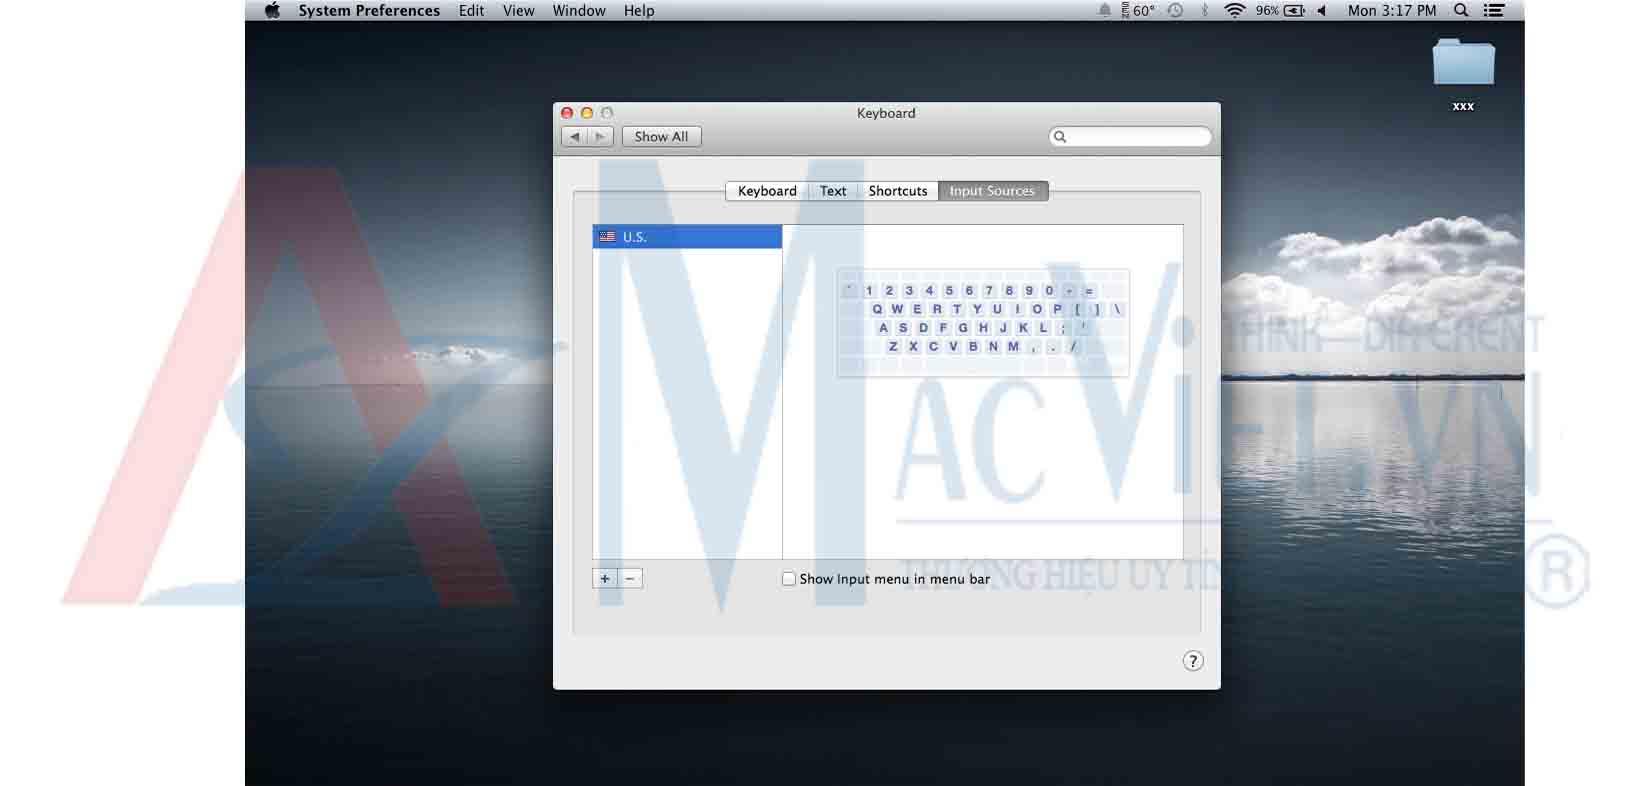 Gõ tiếng việt trên Mac OS X